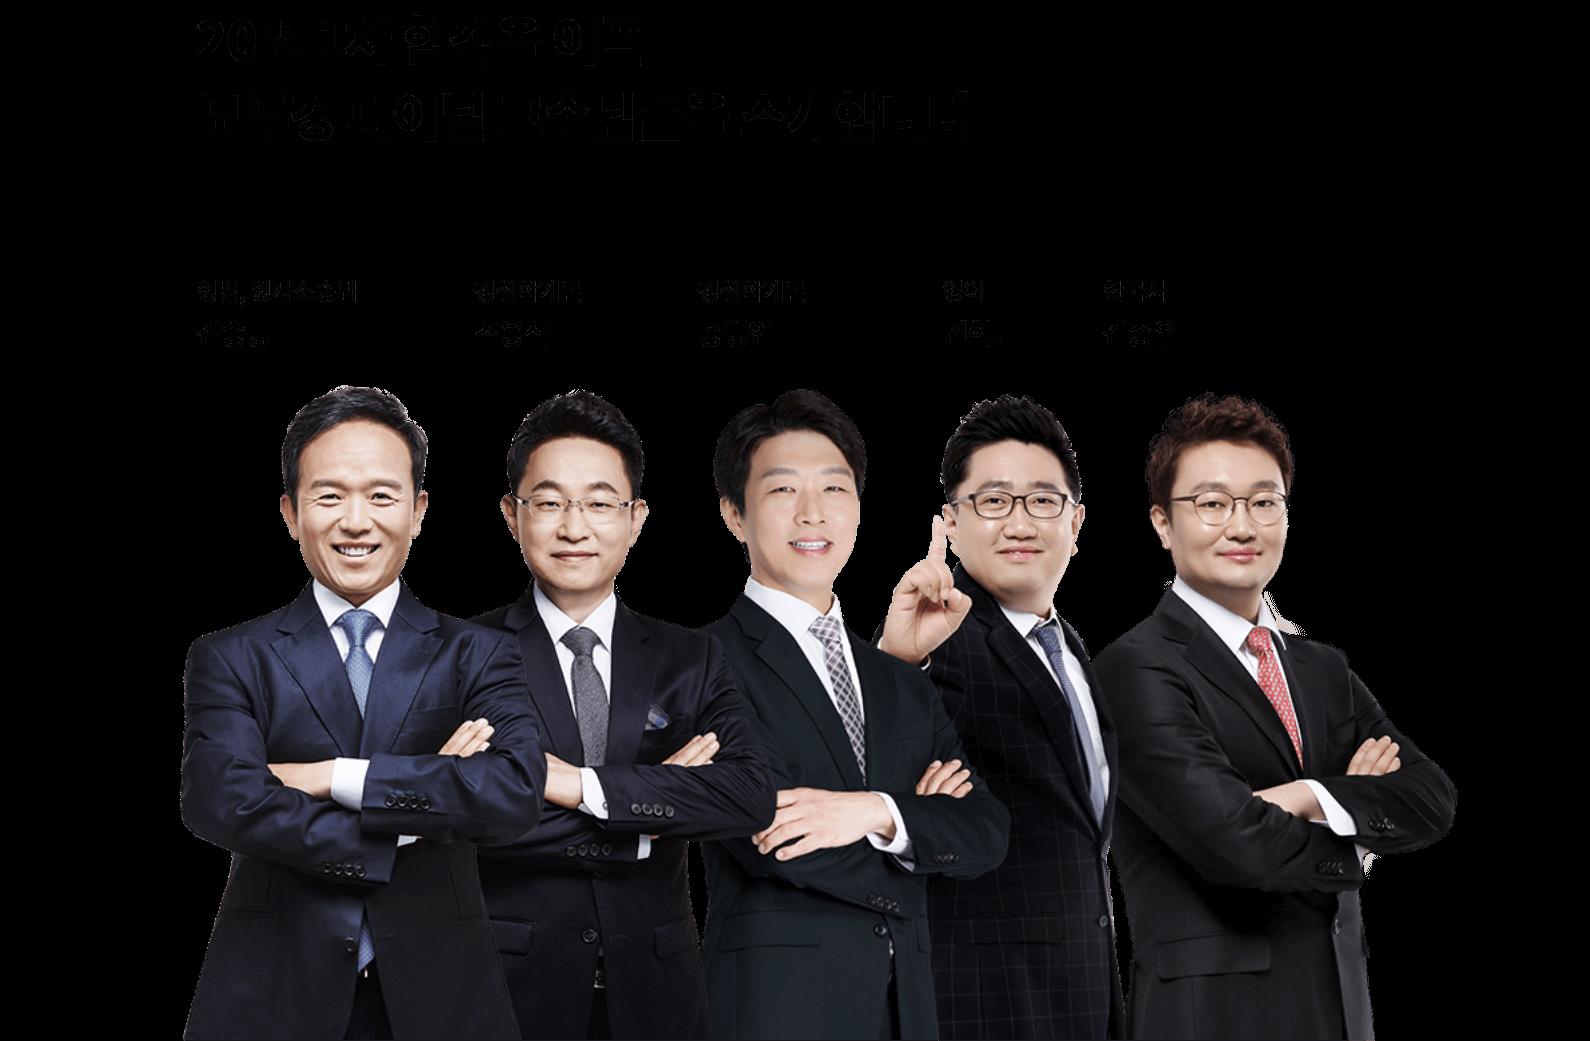 20년 1차 합격을 이끌 모두경 파이널 교수님들